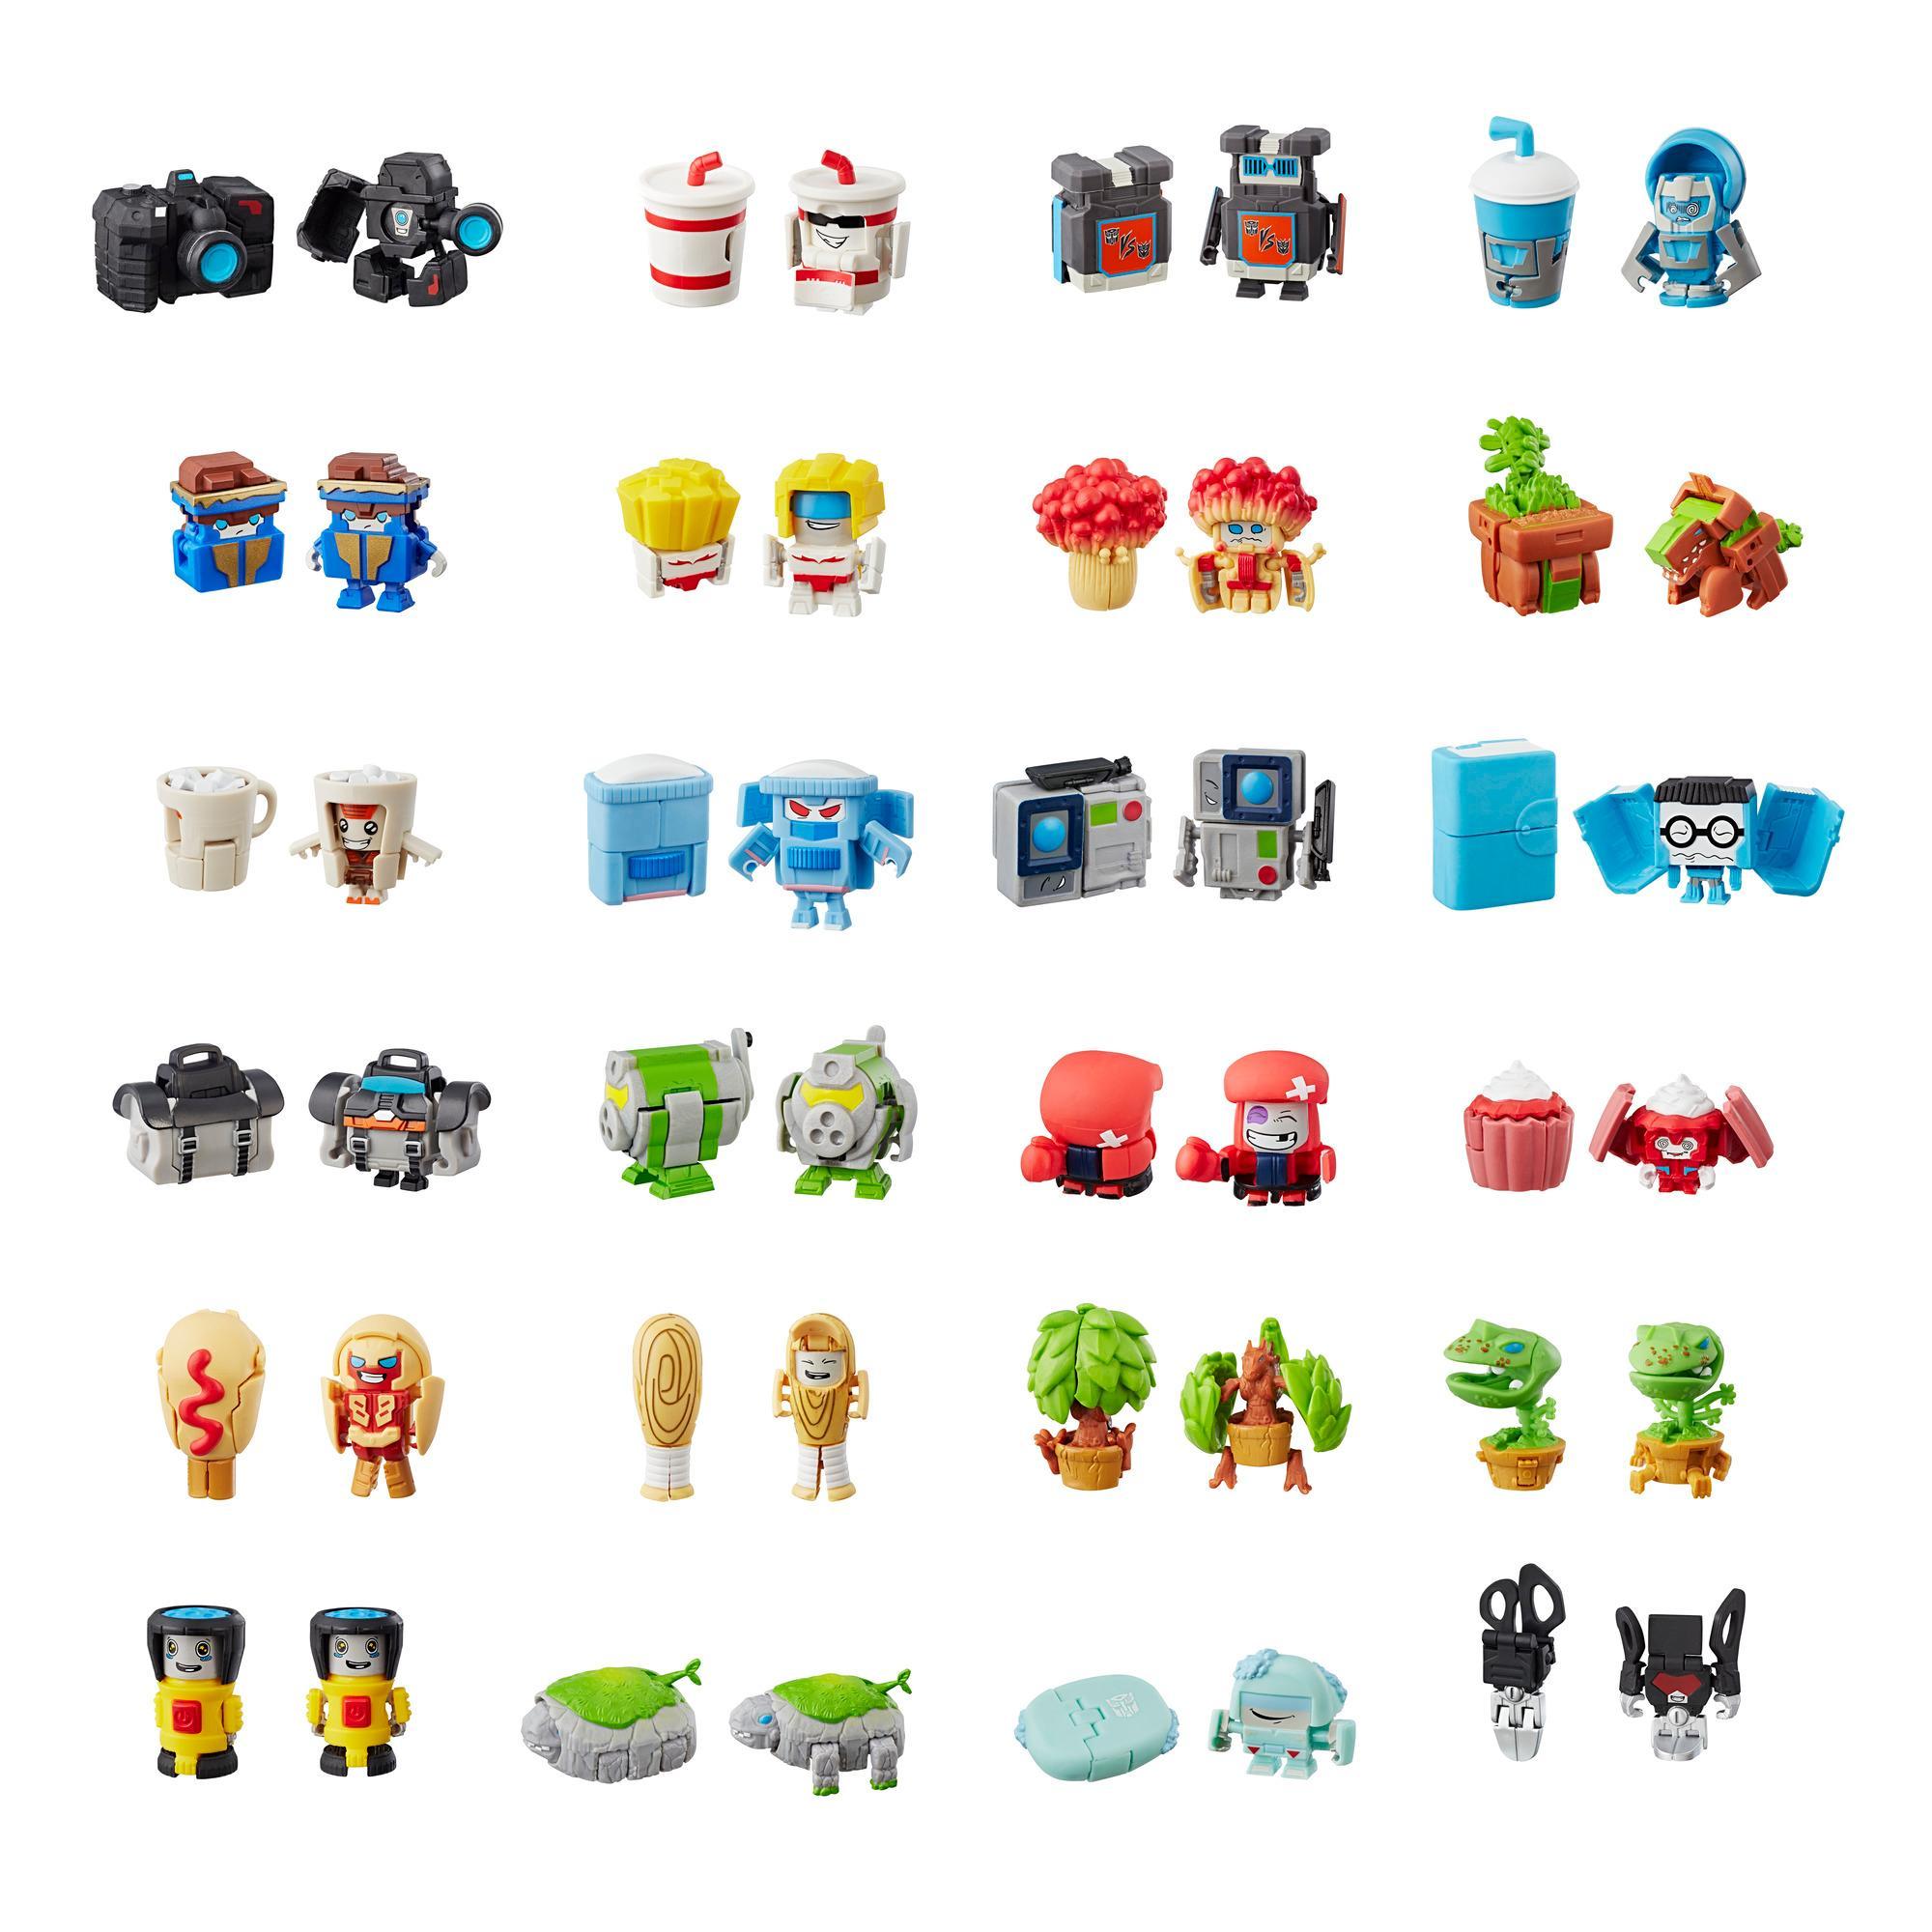 Transformers BotBots Série 1 - Sacolinha com Figura Surpresa (Brinquedo 2 em 1)